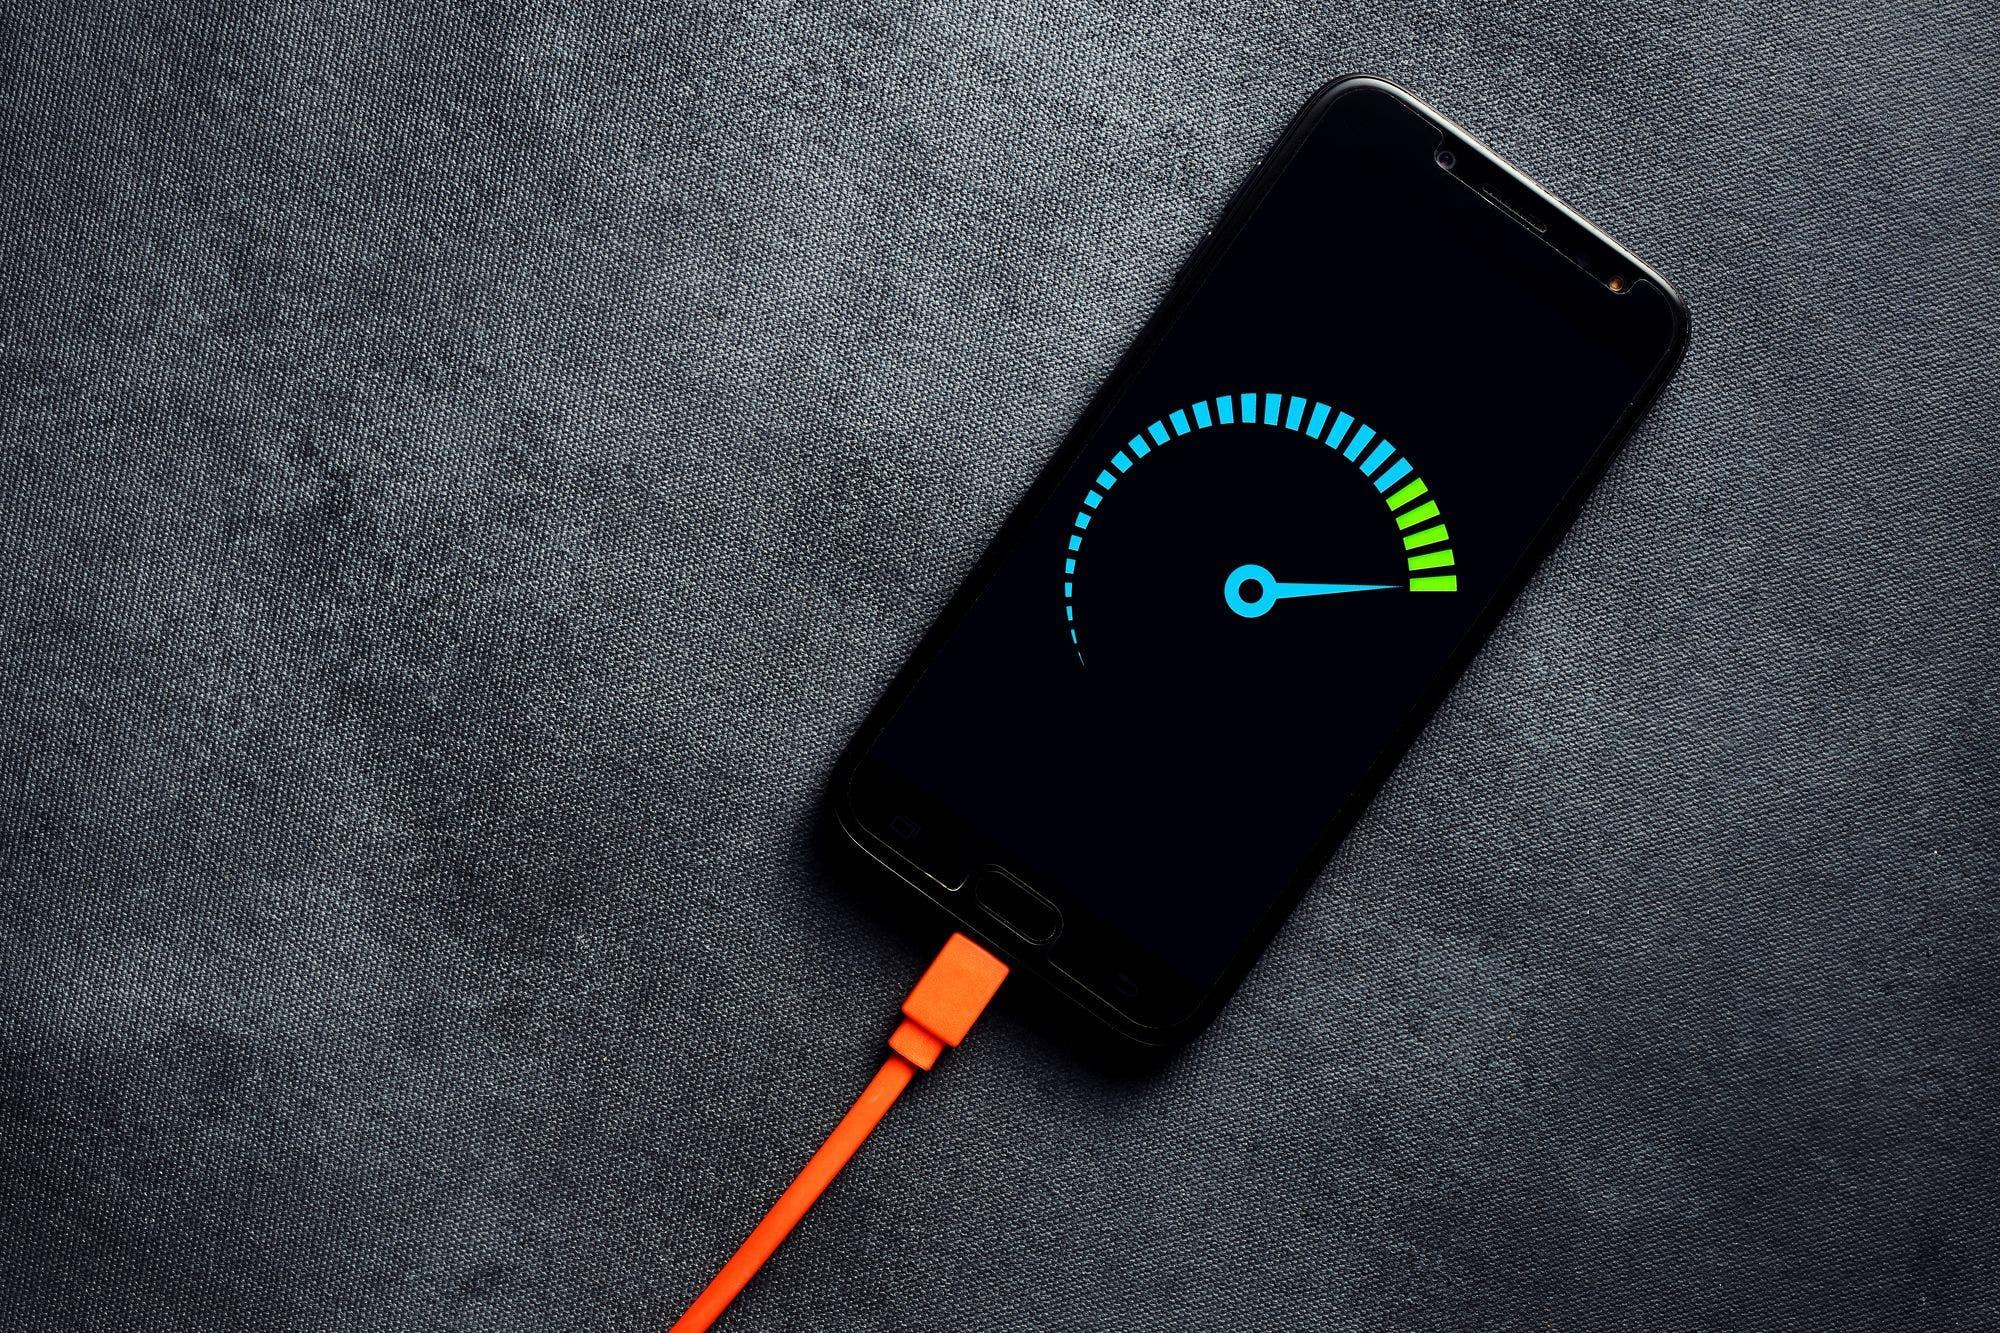 Oppo y realme apuestan por los 125 watts para cargar tu celular a máxima velocidad